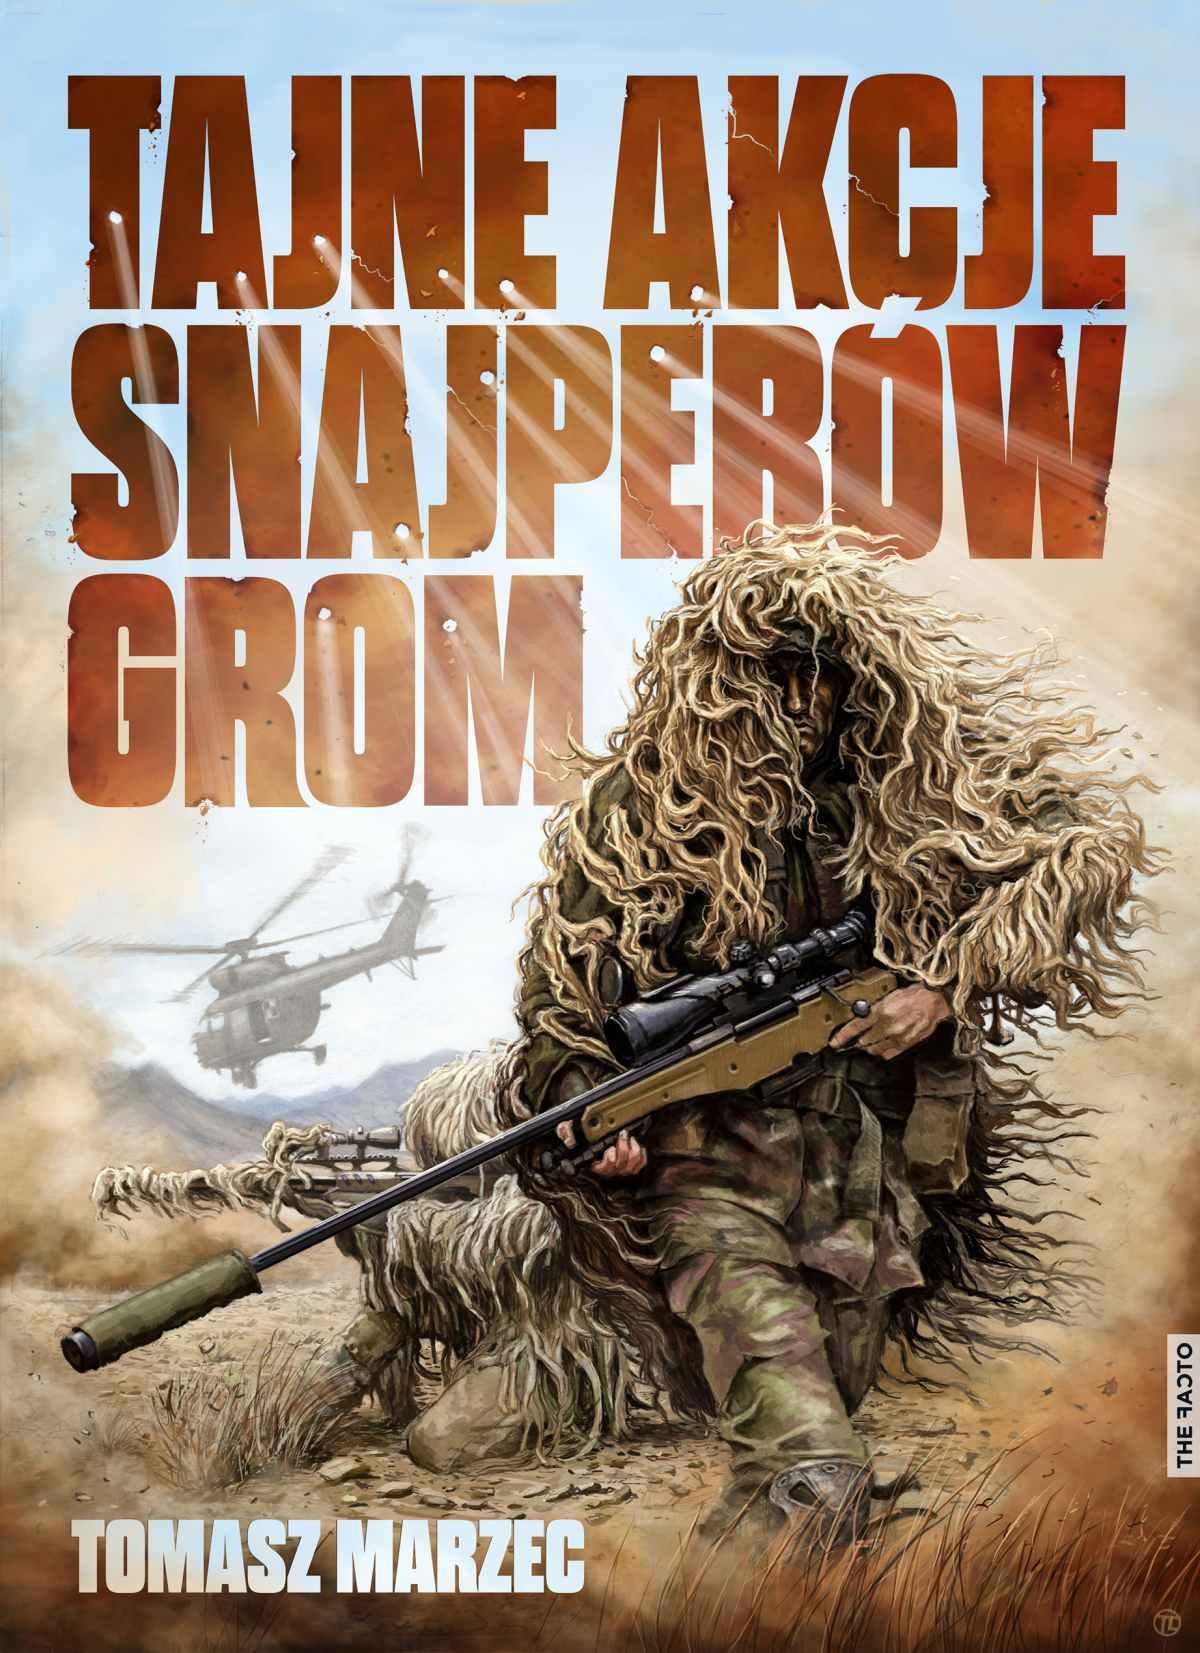 Tajne akcje snajperów GROM - Ebook (Książka EPUB) do pobrania w formacie EPUB